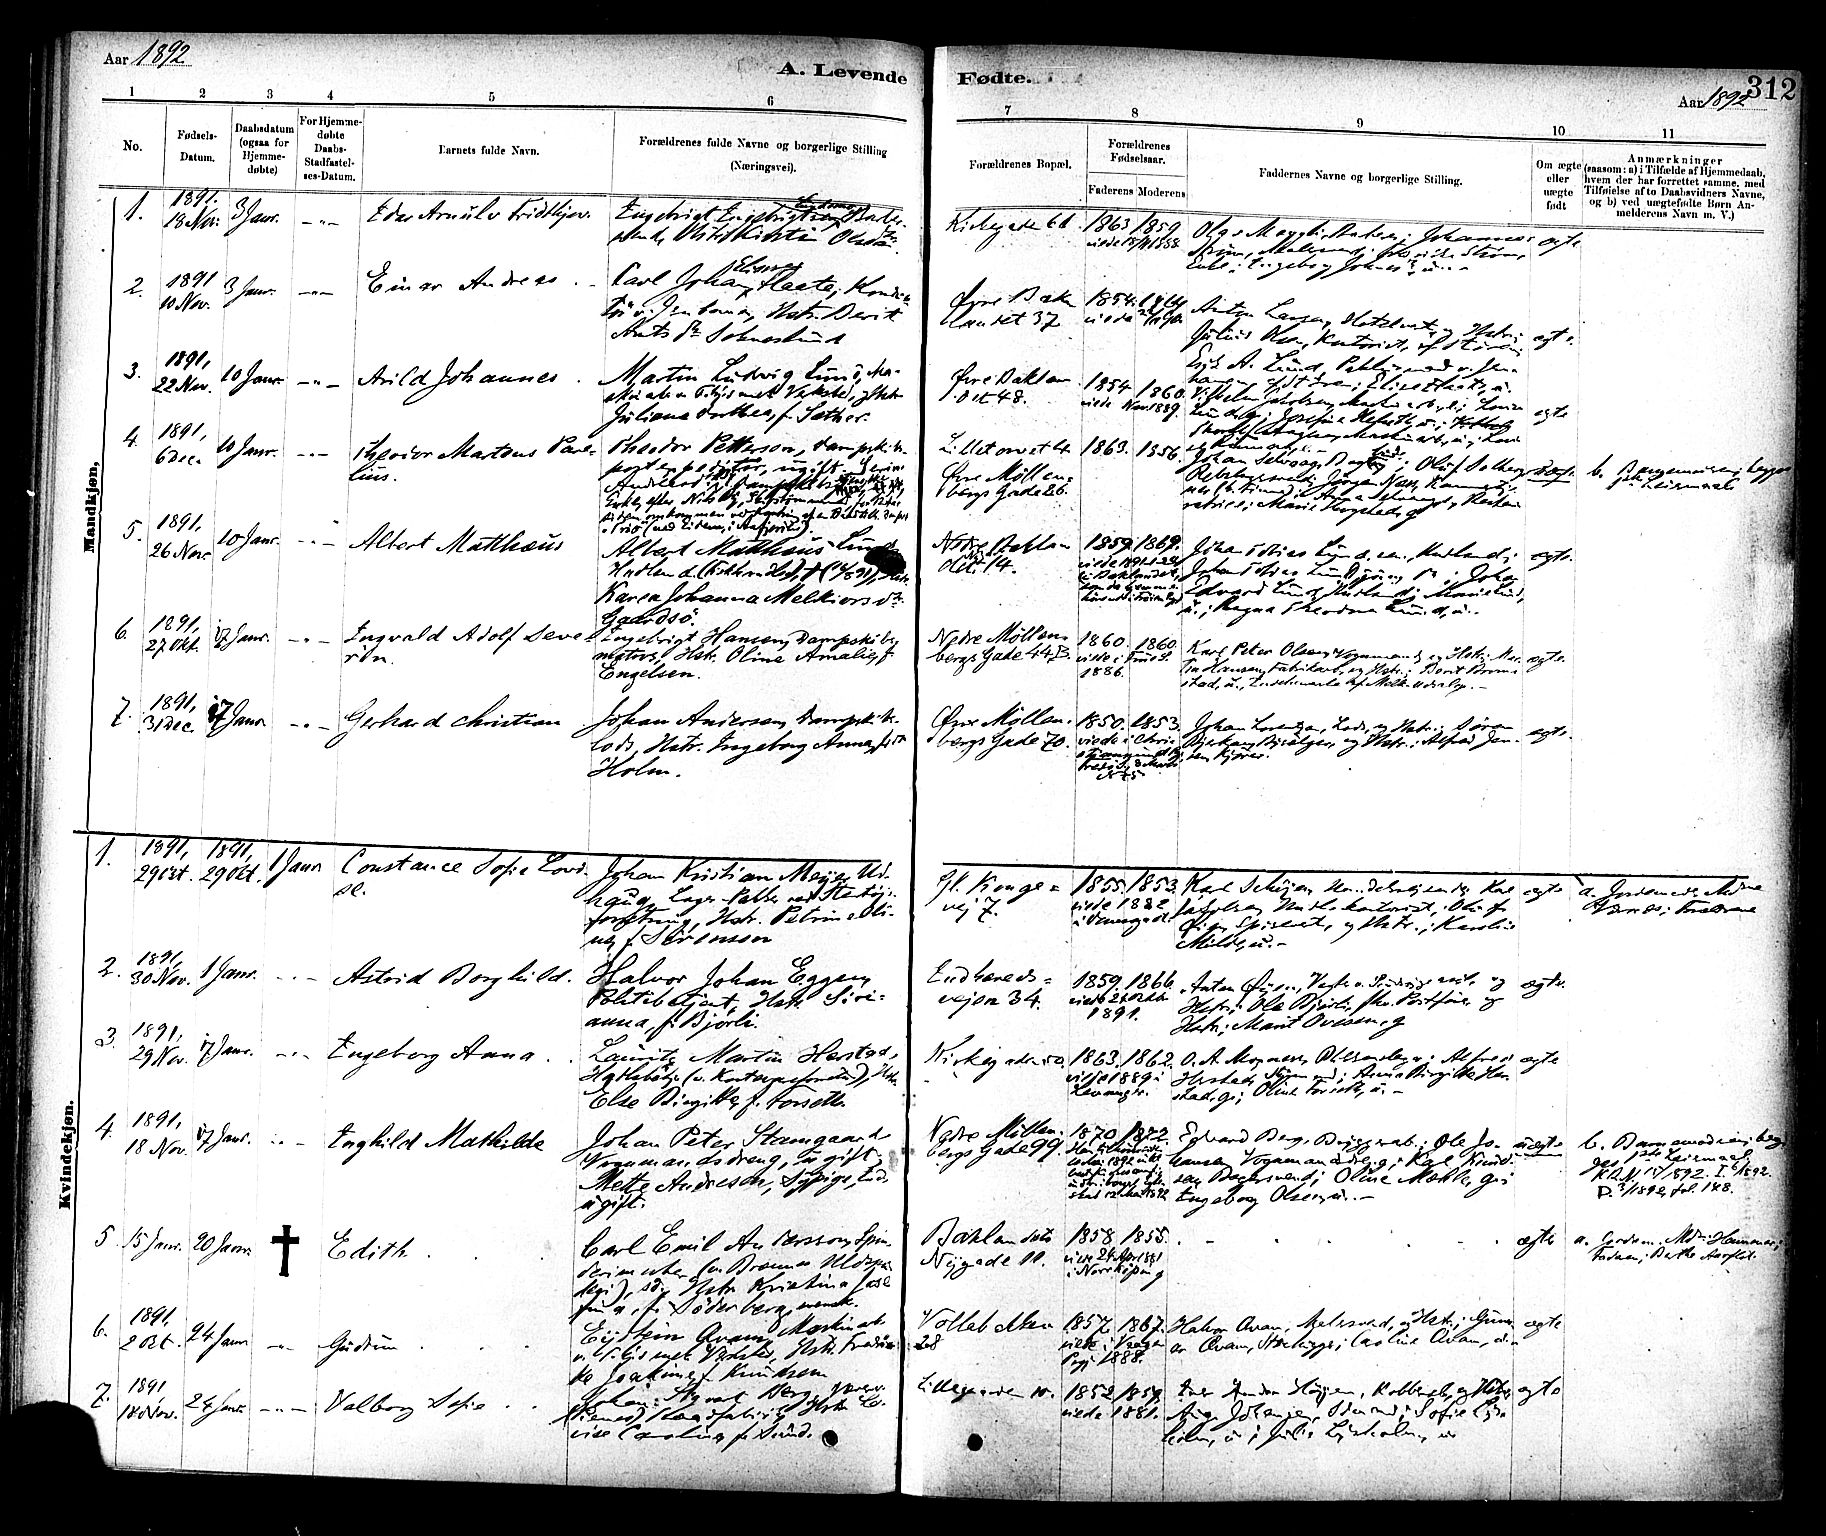 SAT, Ministerialprotokoller, klokkerbøker og fødselsregistre - Sør-Trøndelag, 604/L0188: Ministerialbok nr. 604A09, 1878-1892, s. 312